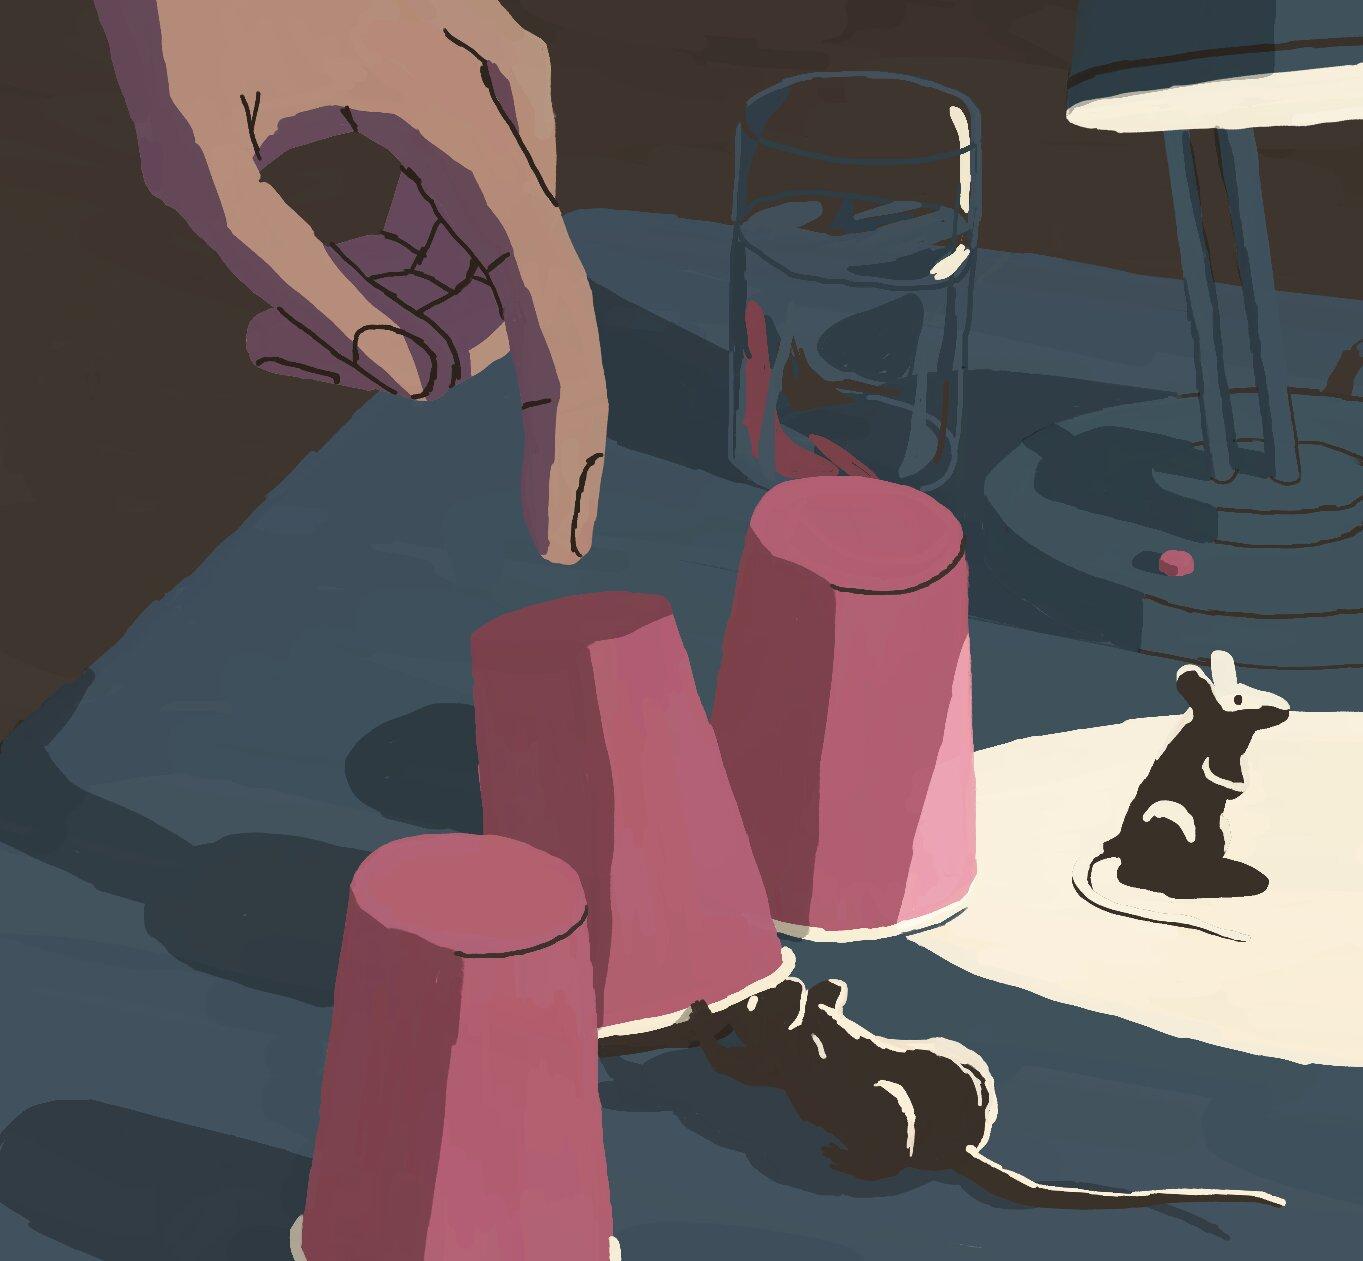 ¿Dónde está el premio? Gracias a sus habilidades de inferencia, es probable que los ratones lo encuentren como lo haríamos los humanos. Crédito: Diogo Matias.